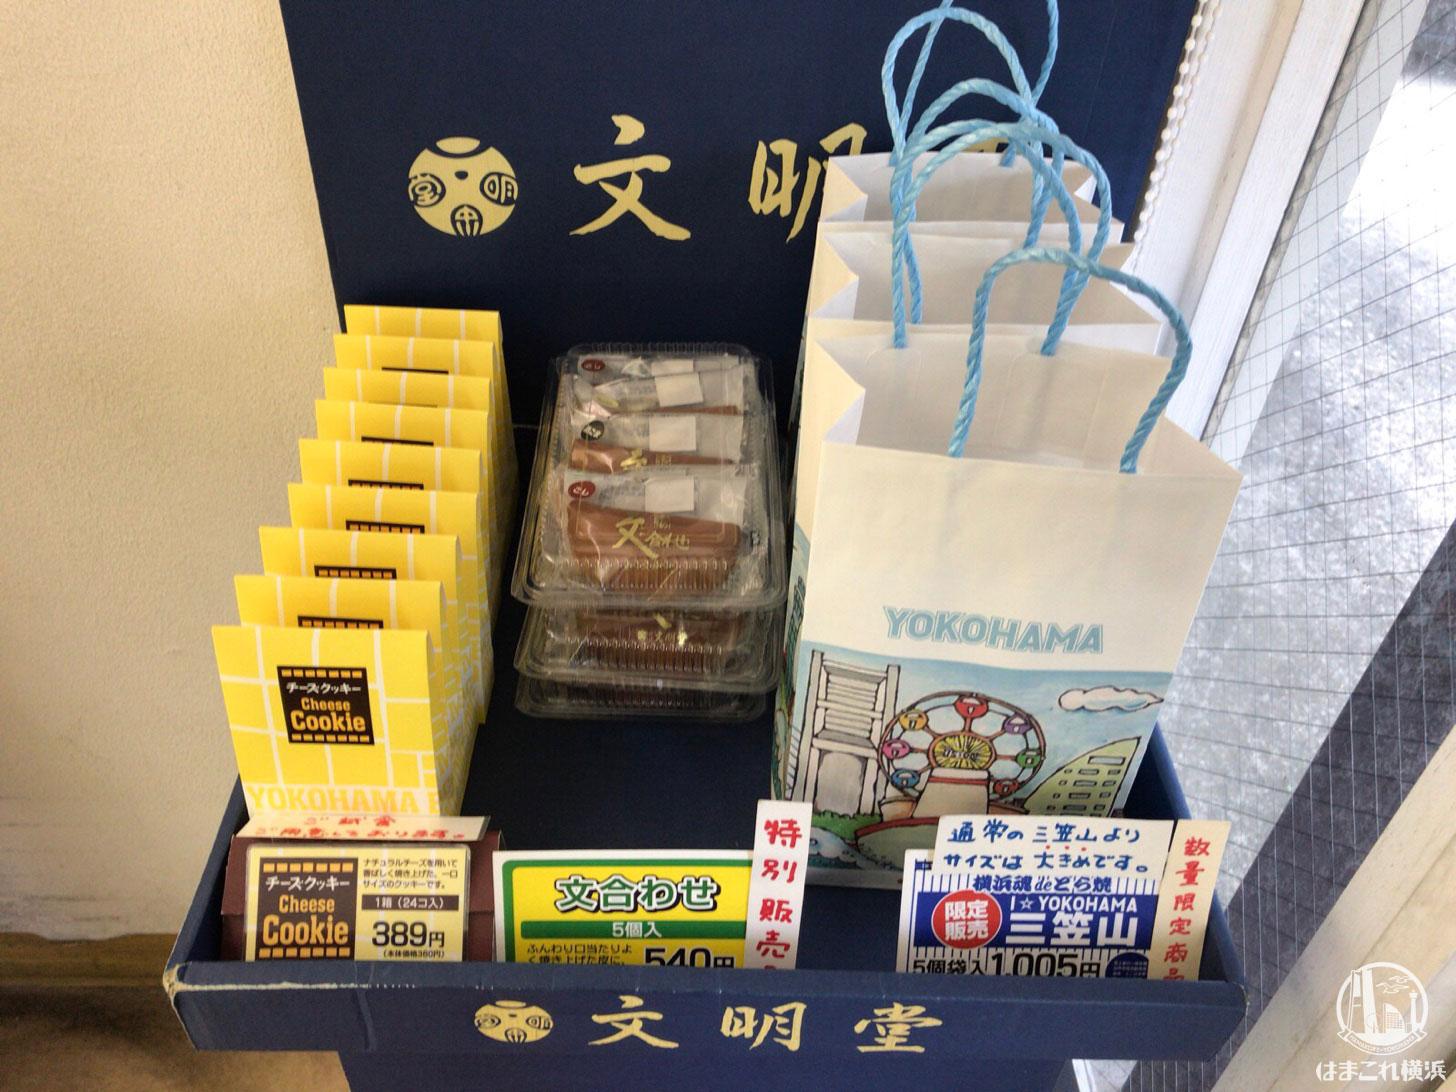 横浜文明堂 横浜工場売店 商品